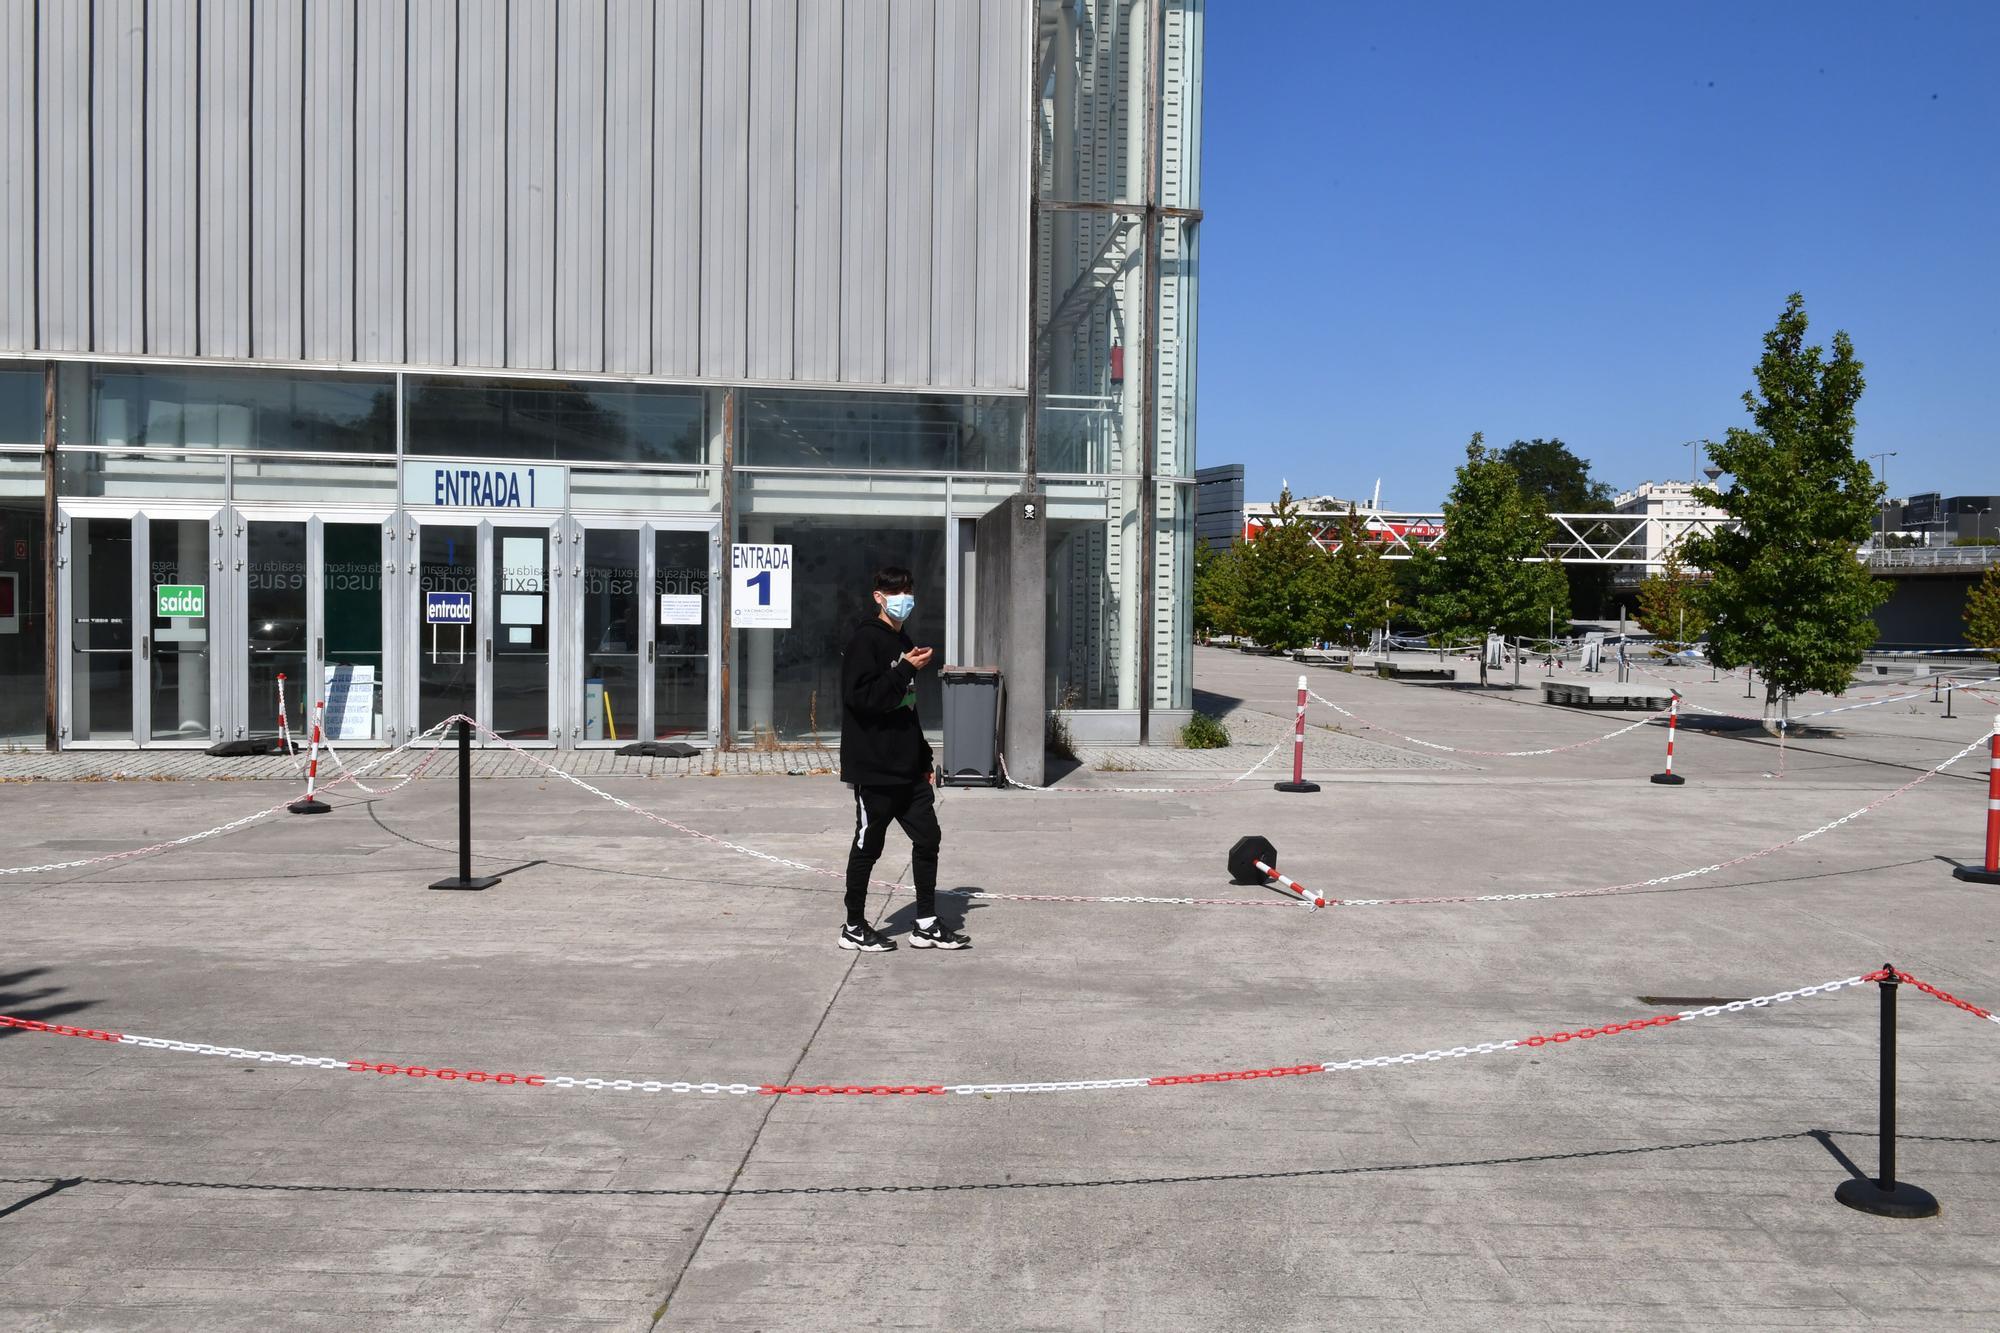 Arranca la vacunación de menores de 20 años en A Coruña